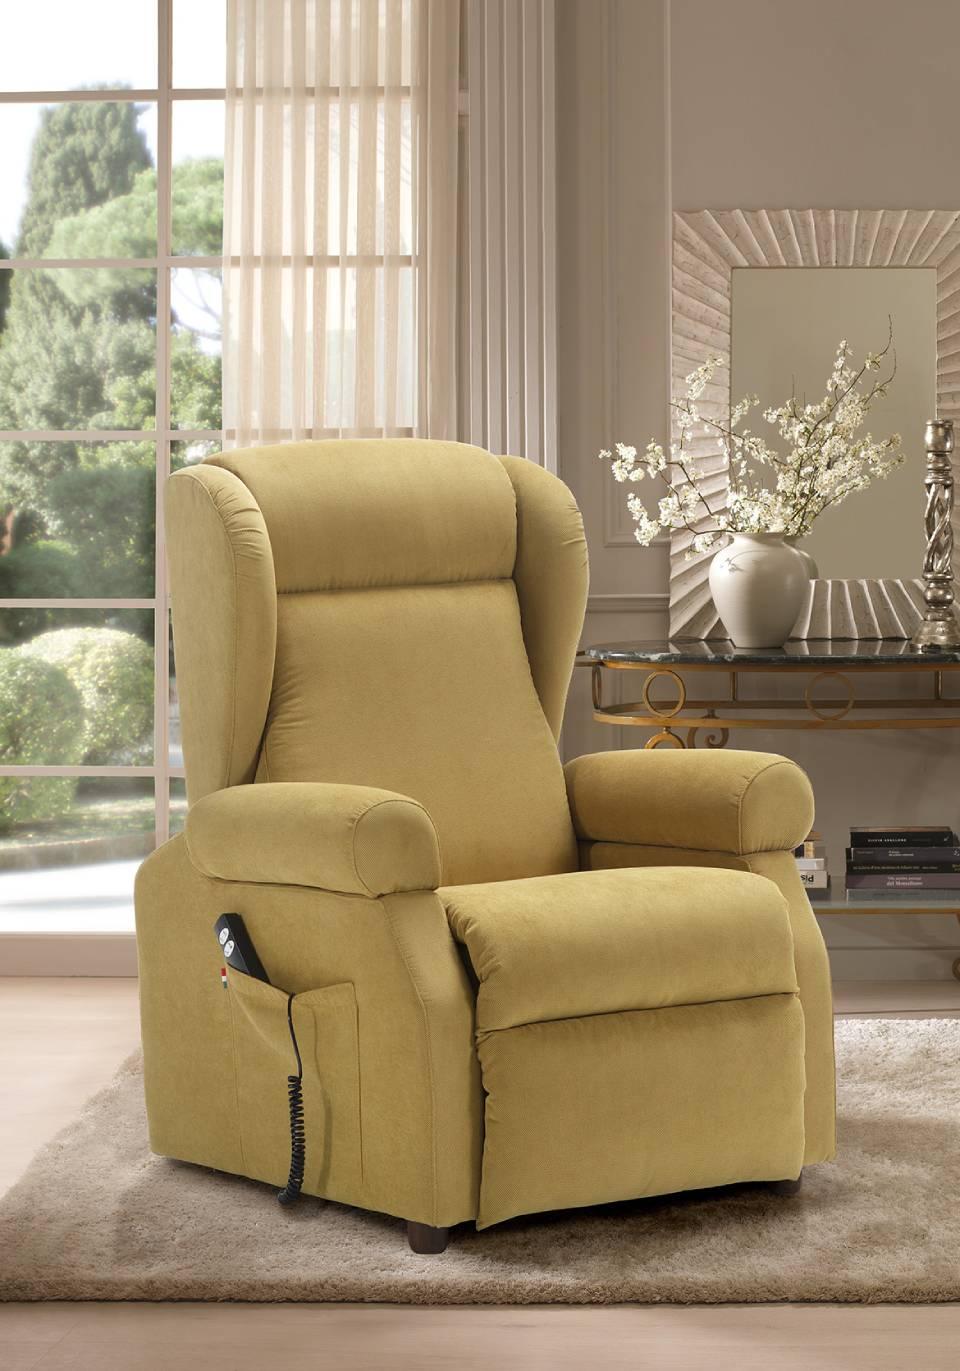 Poltrone E Relax.Poltrona Alzapersona Loira Modena Bernelli Comfort E Relax